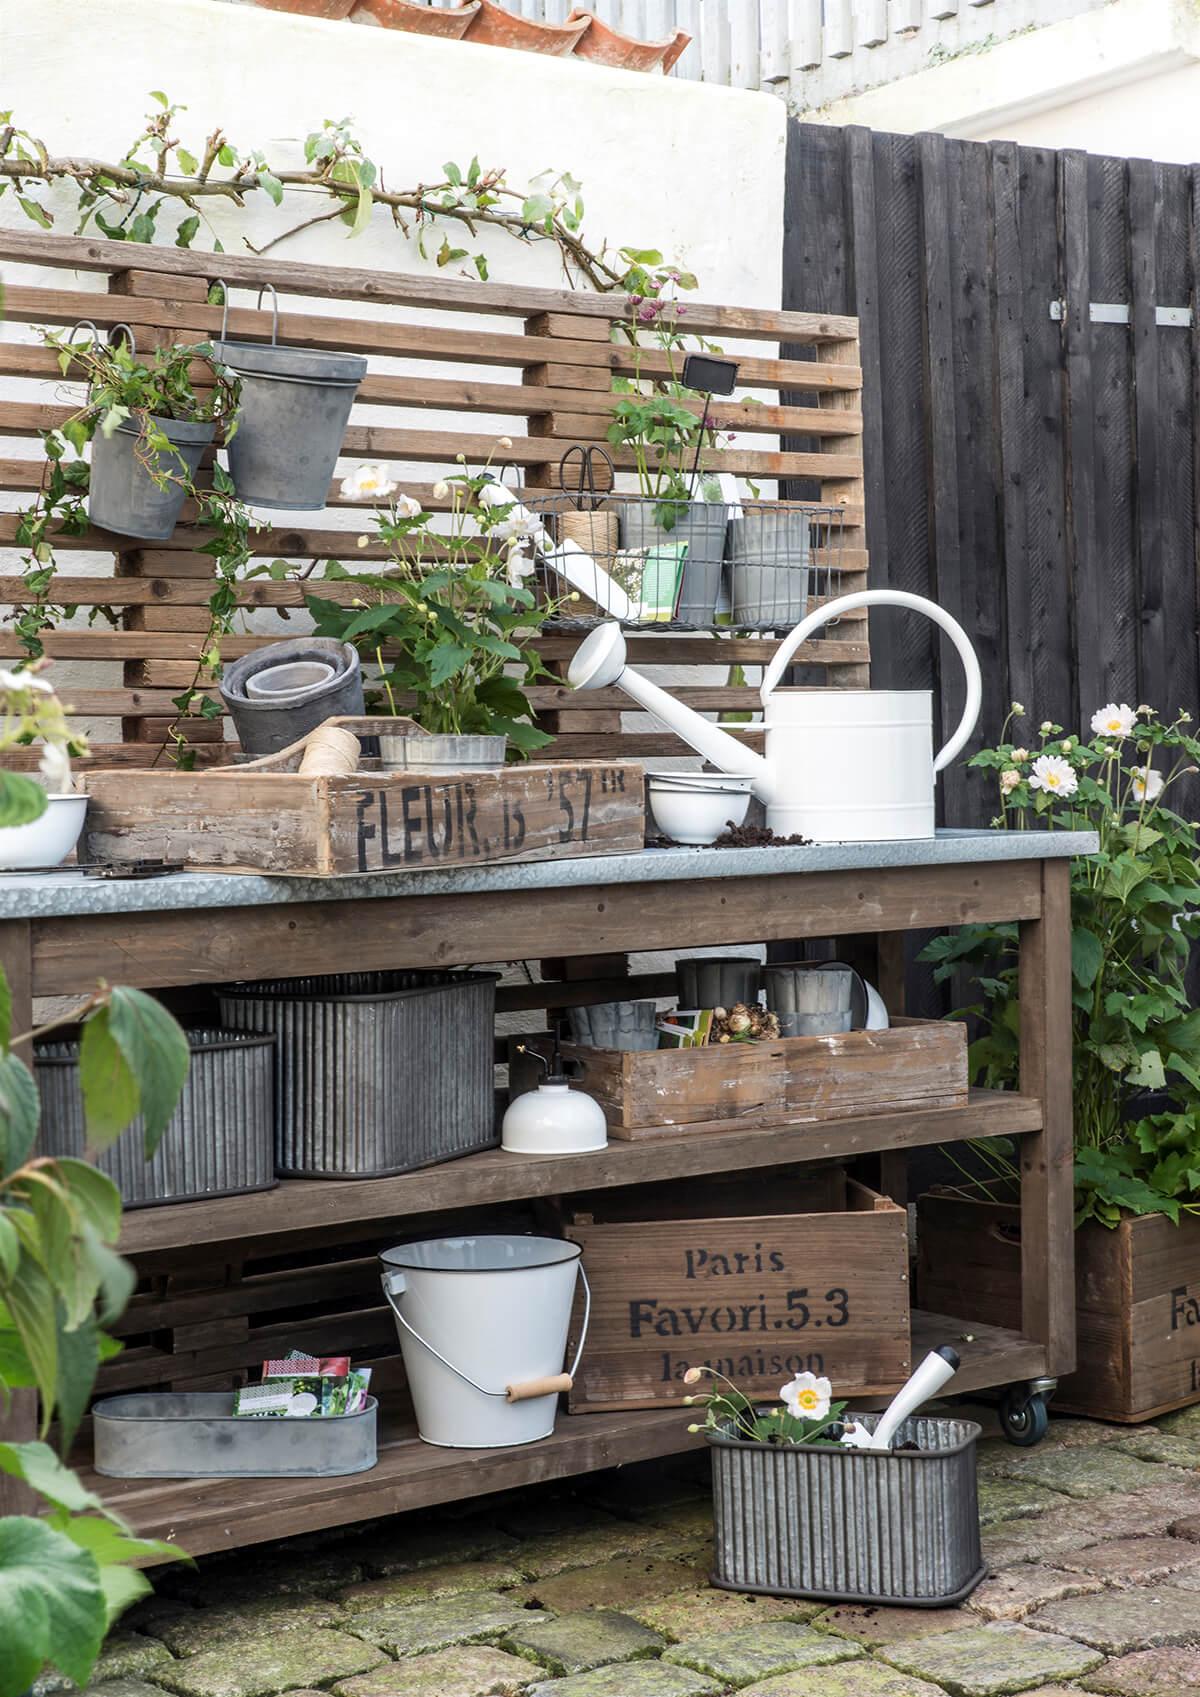 Your Favorite Corner of the Garden